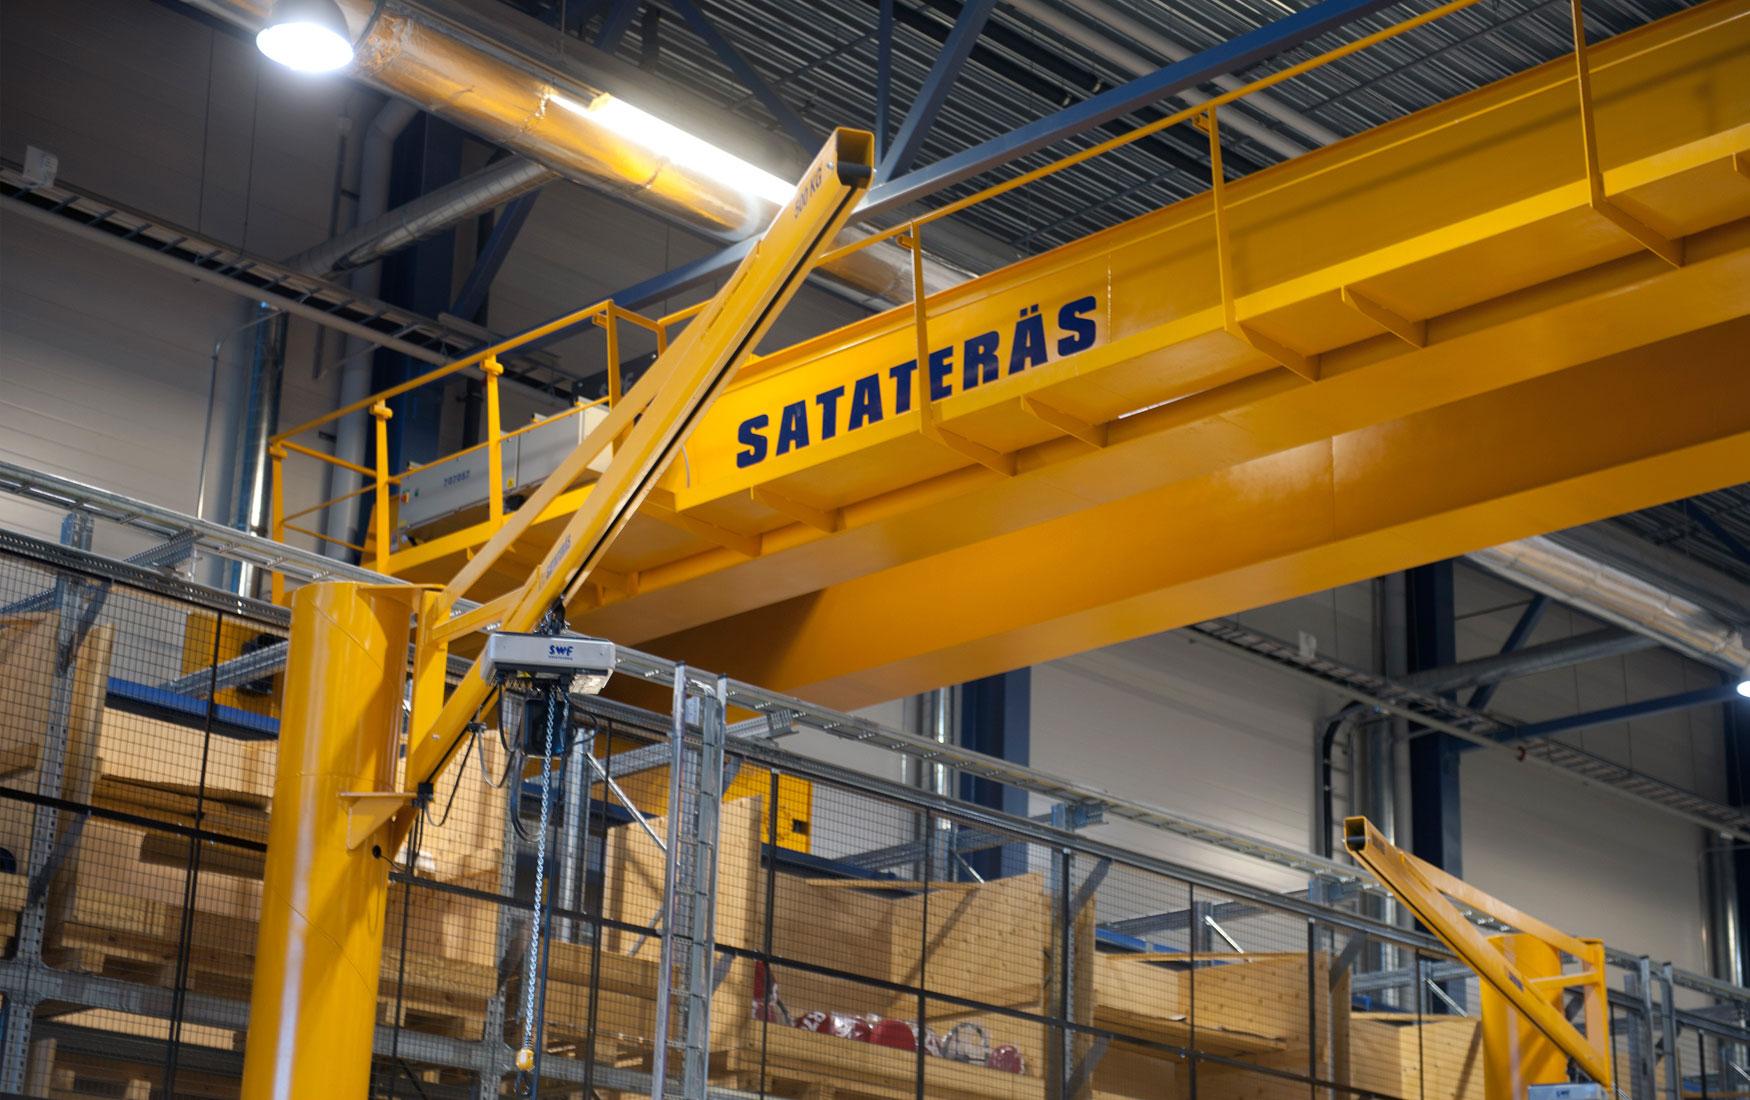 teollisuus-metalliteollisuus-teollisuuden-kaantopuominosturit_satateras-7